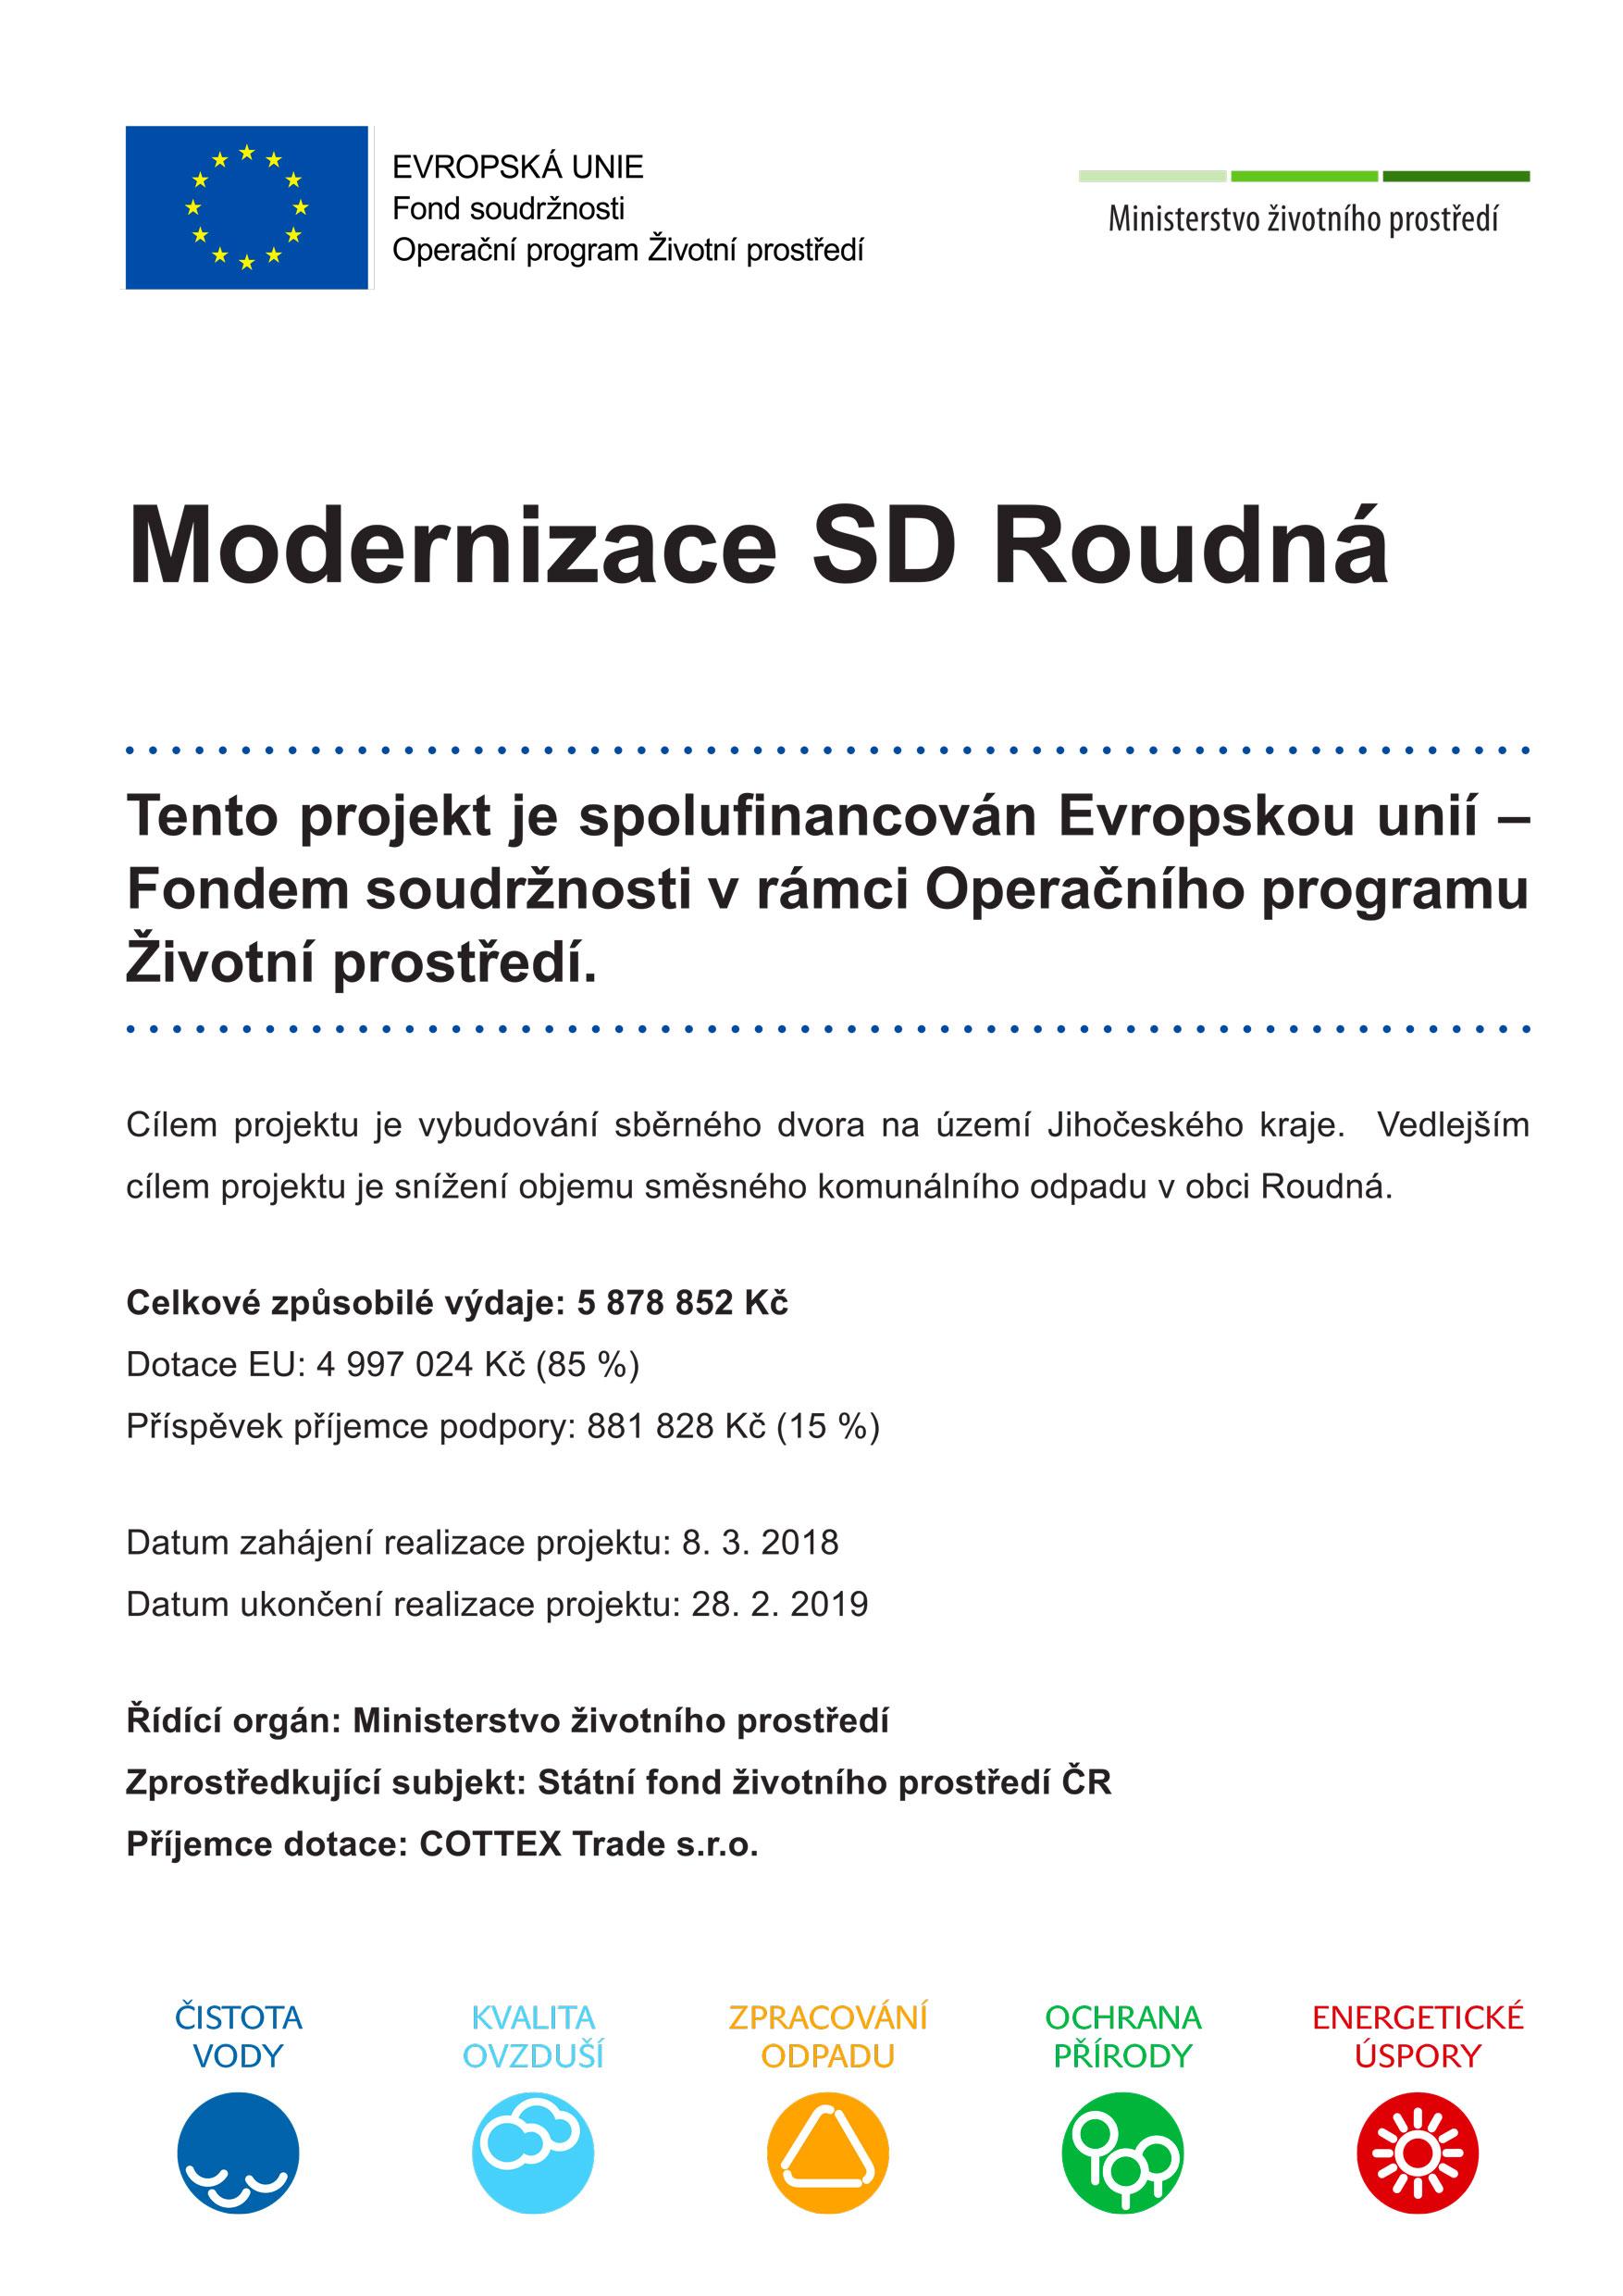 Modernizace-SD-Roudná_NEW